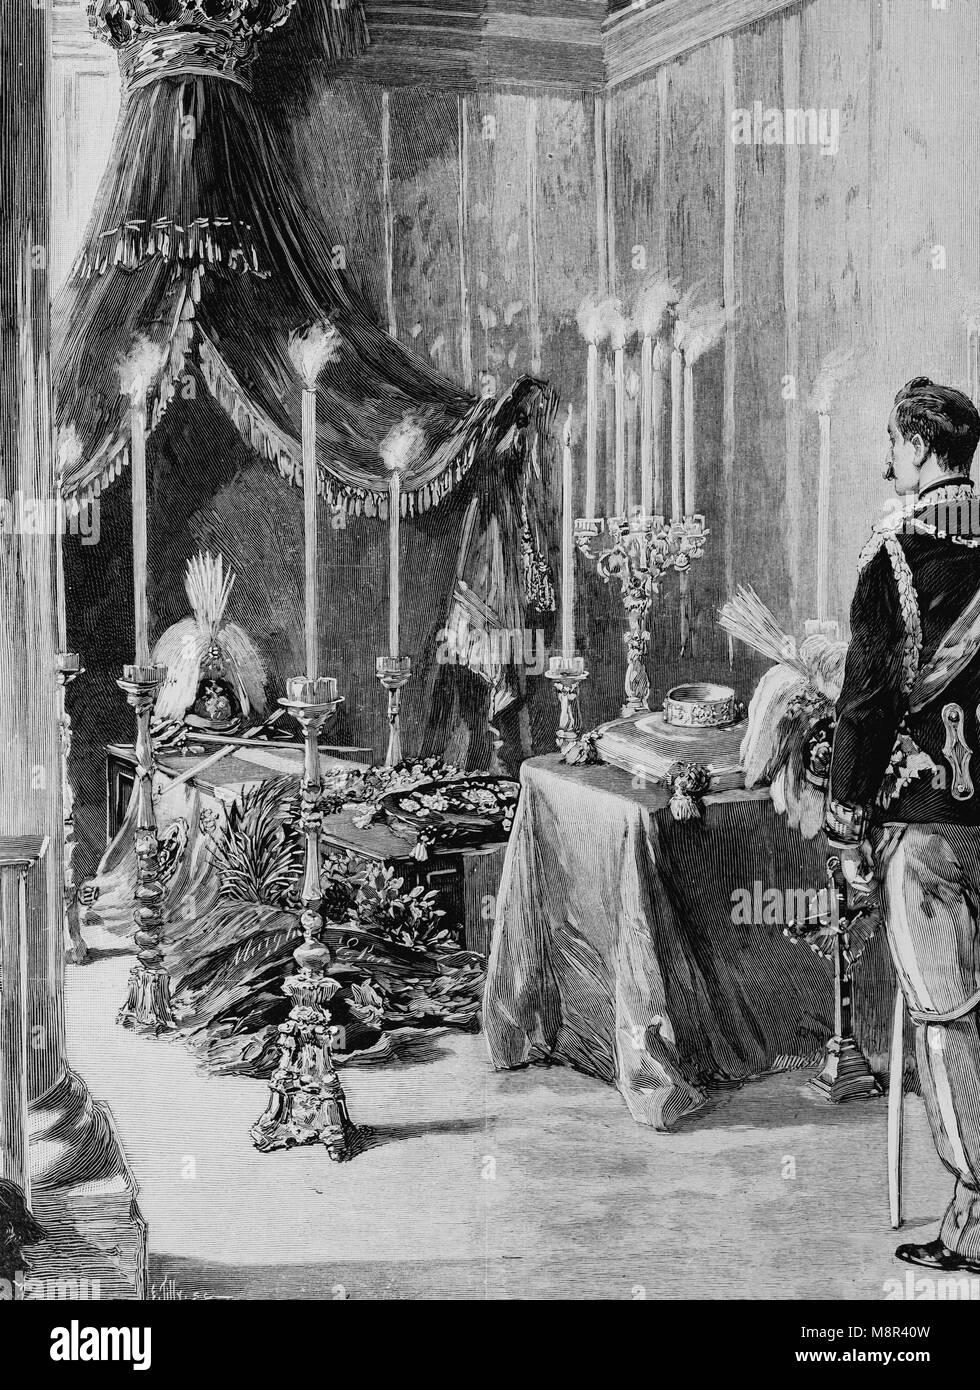 Ataúd del rey Humberto I custodiada por el duque de Aosta en el castillo de Monza, imagen del semanario francés Imagen De Stock